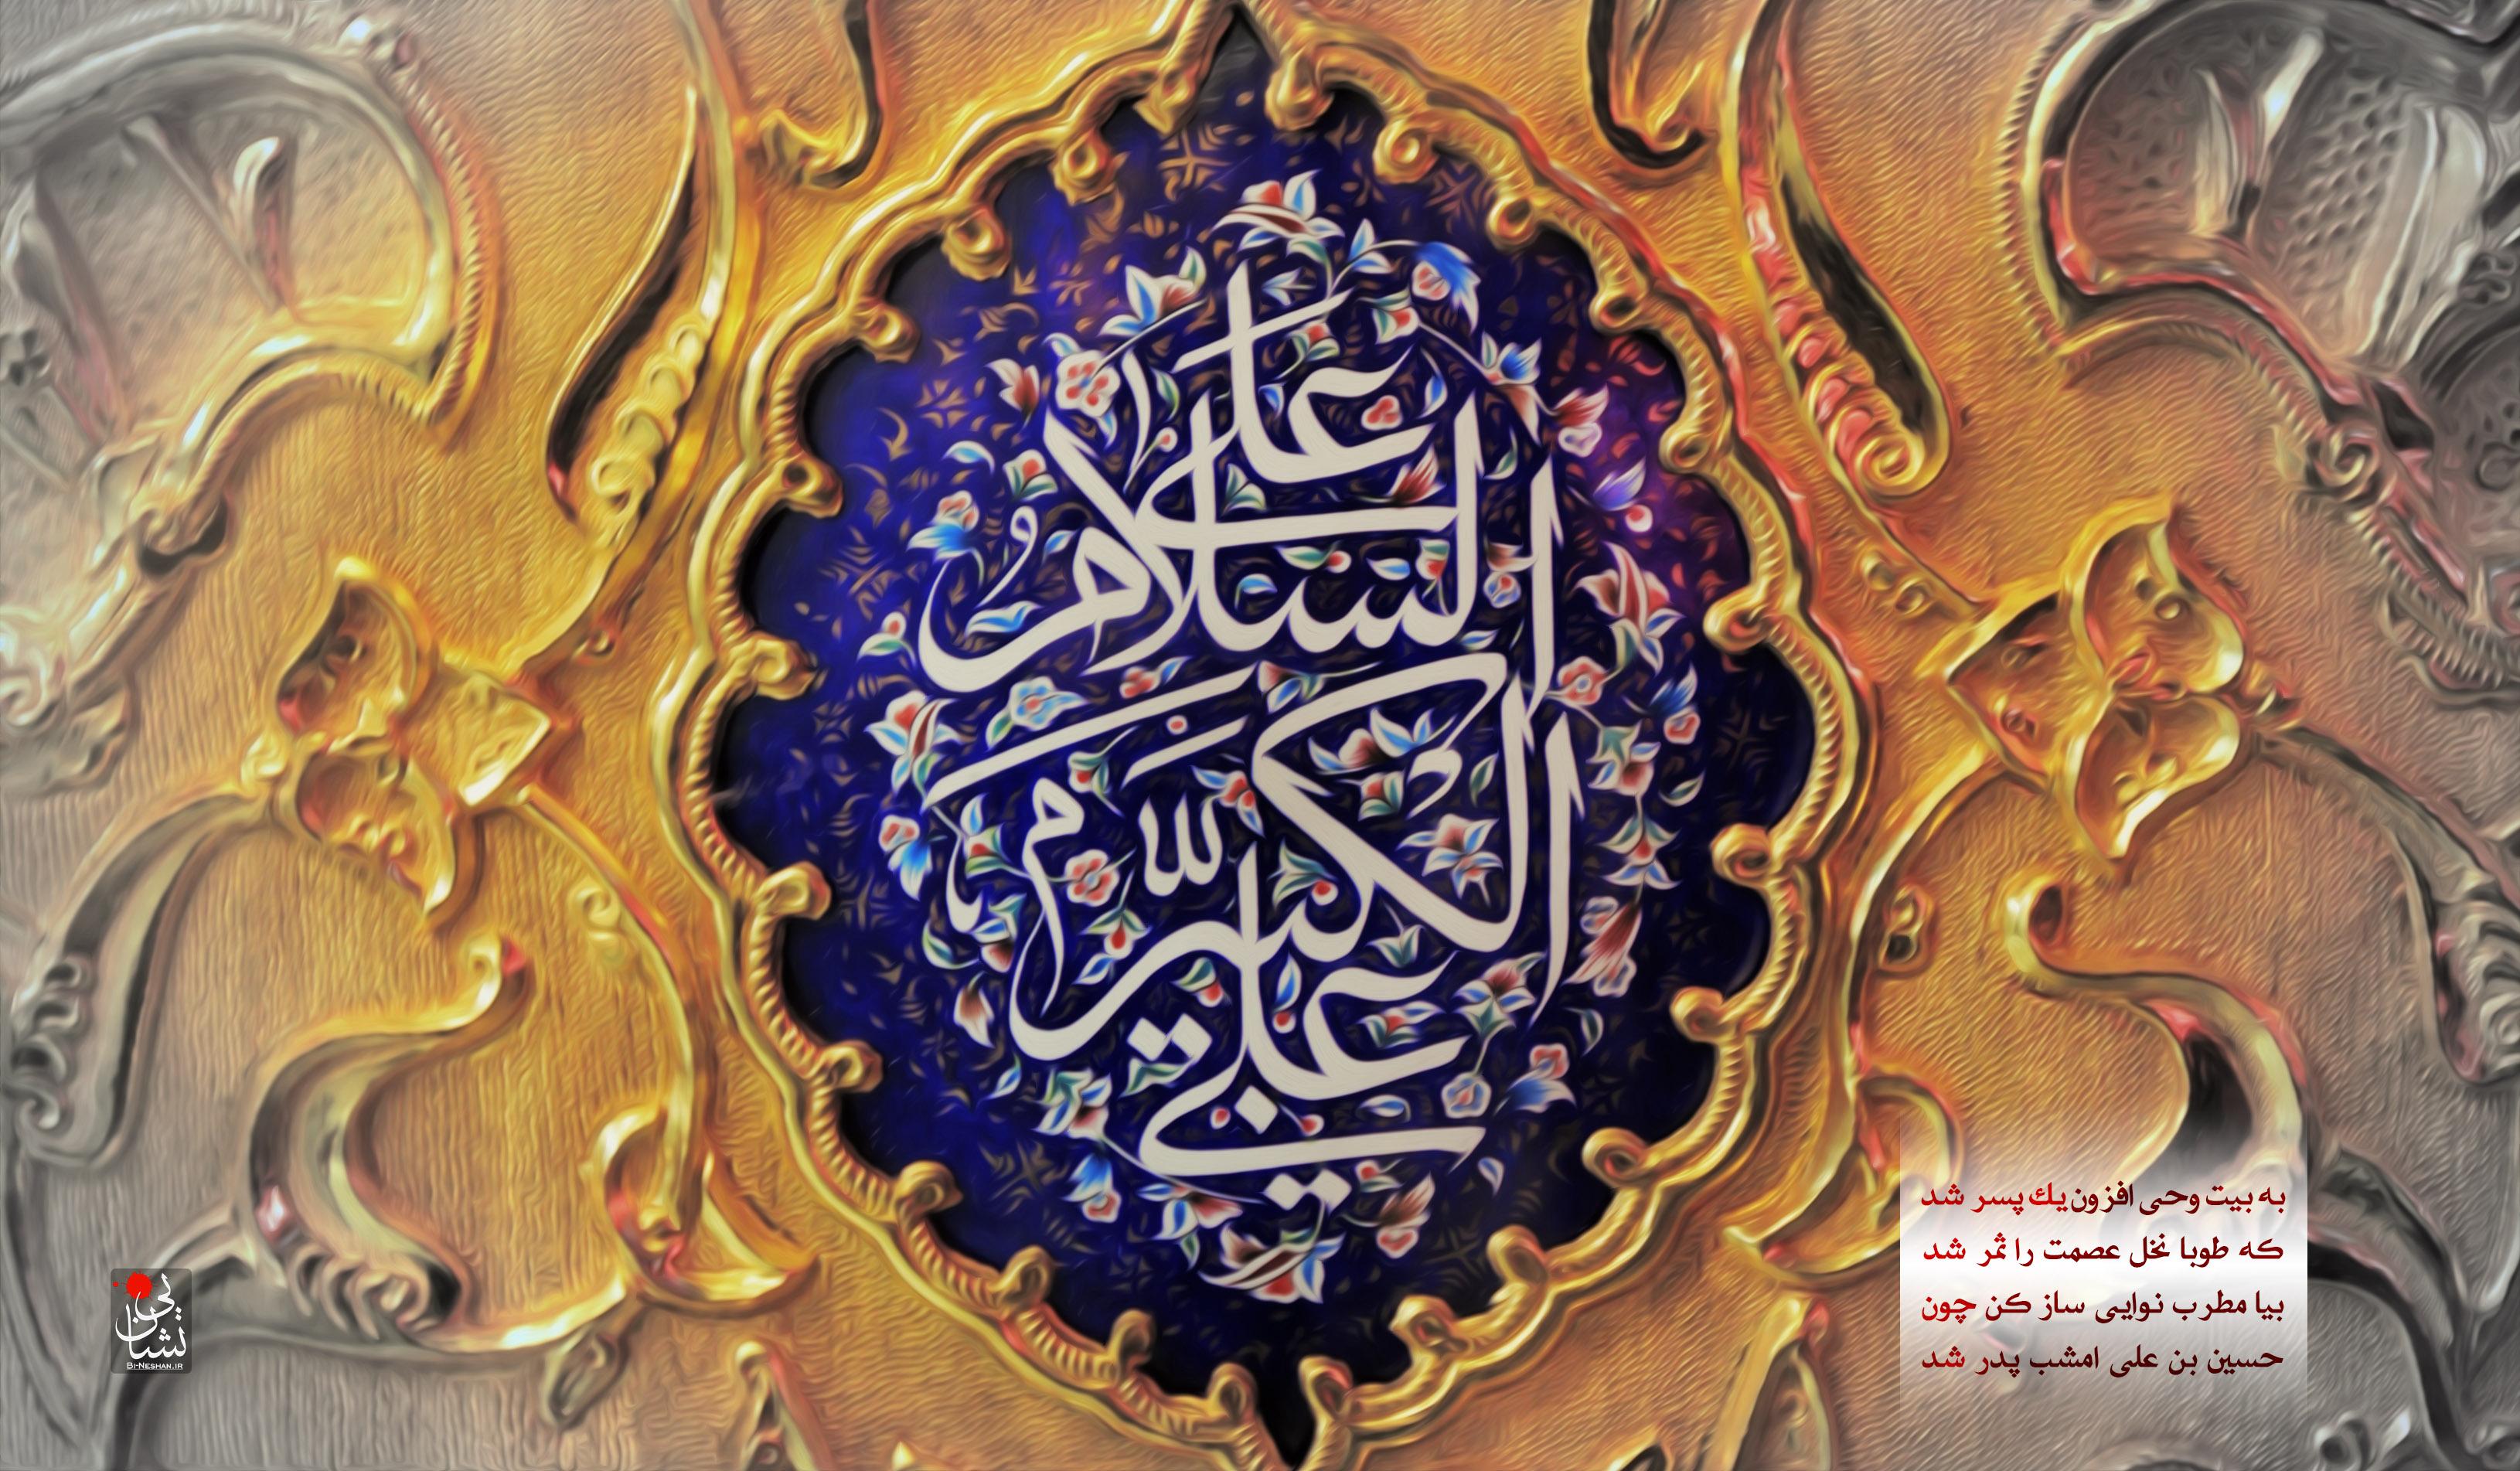 نتیجه تصویری برای میلاد حضرت علی اکبر